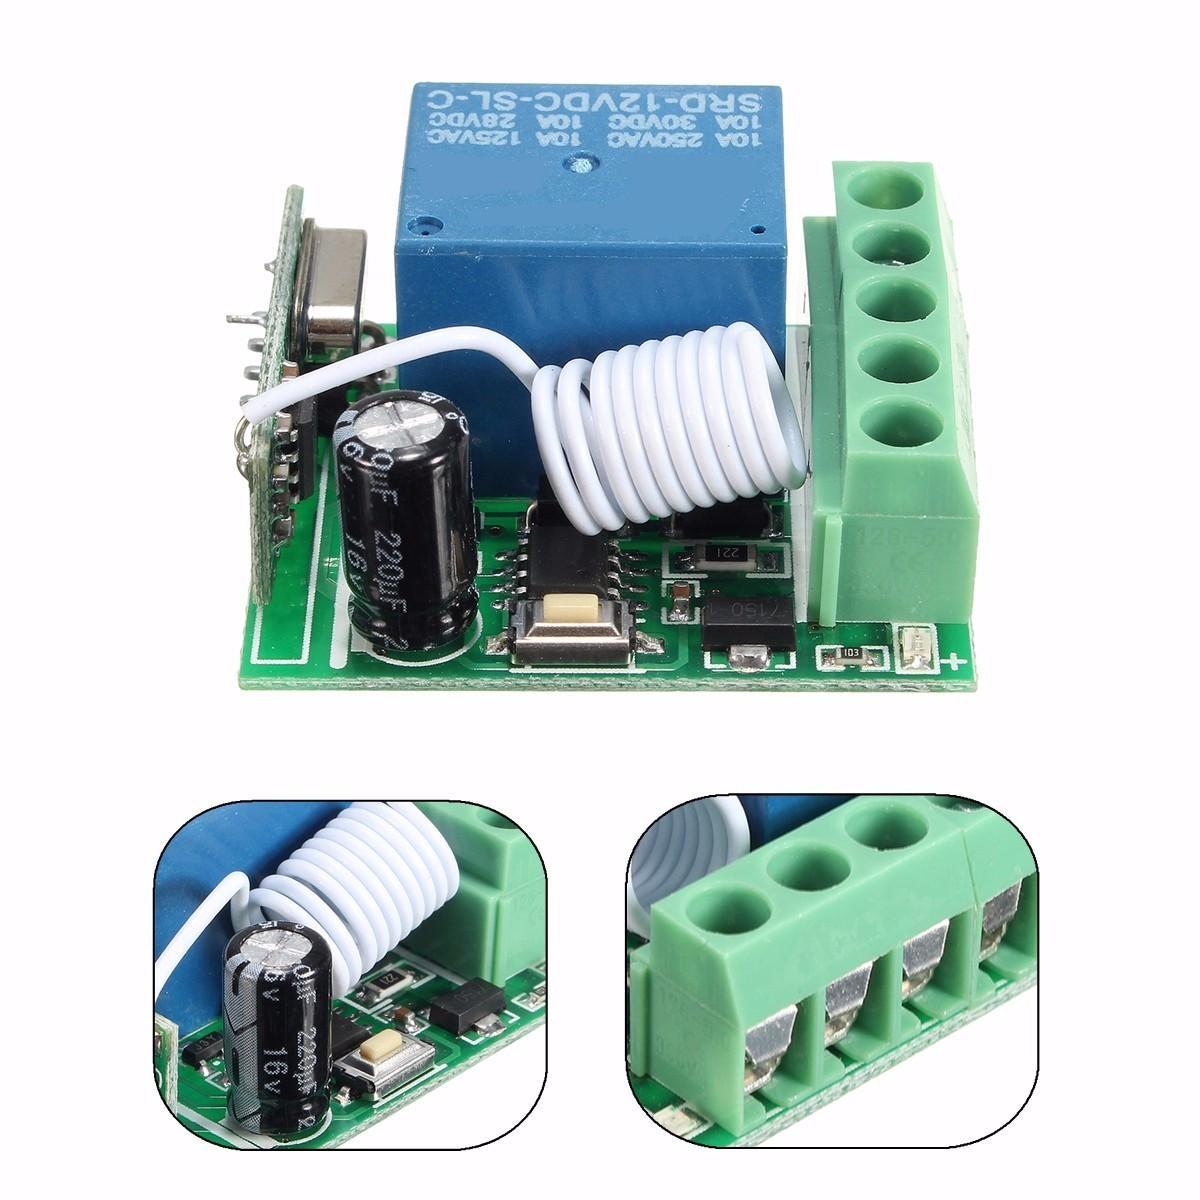 3pcs DC12V 10A 1CH 433 MHz Sans Fil Relay RF Télécommande Interrupteur Récepteur Conseil